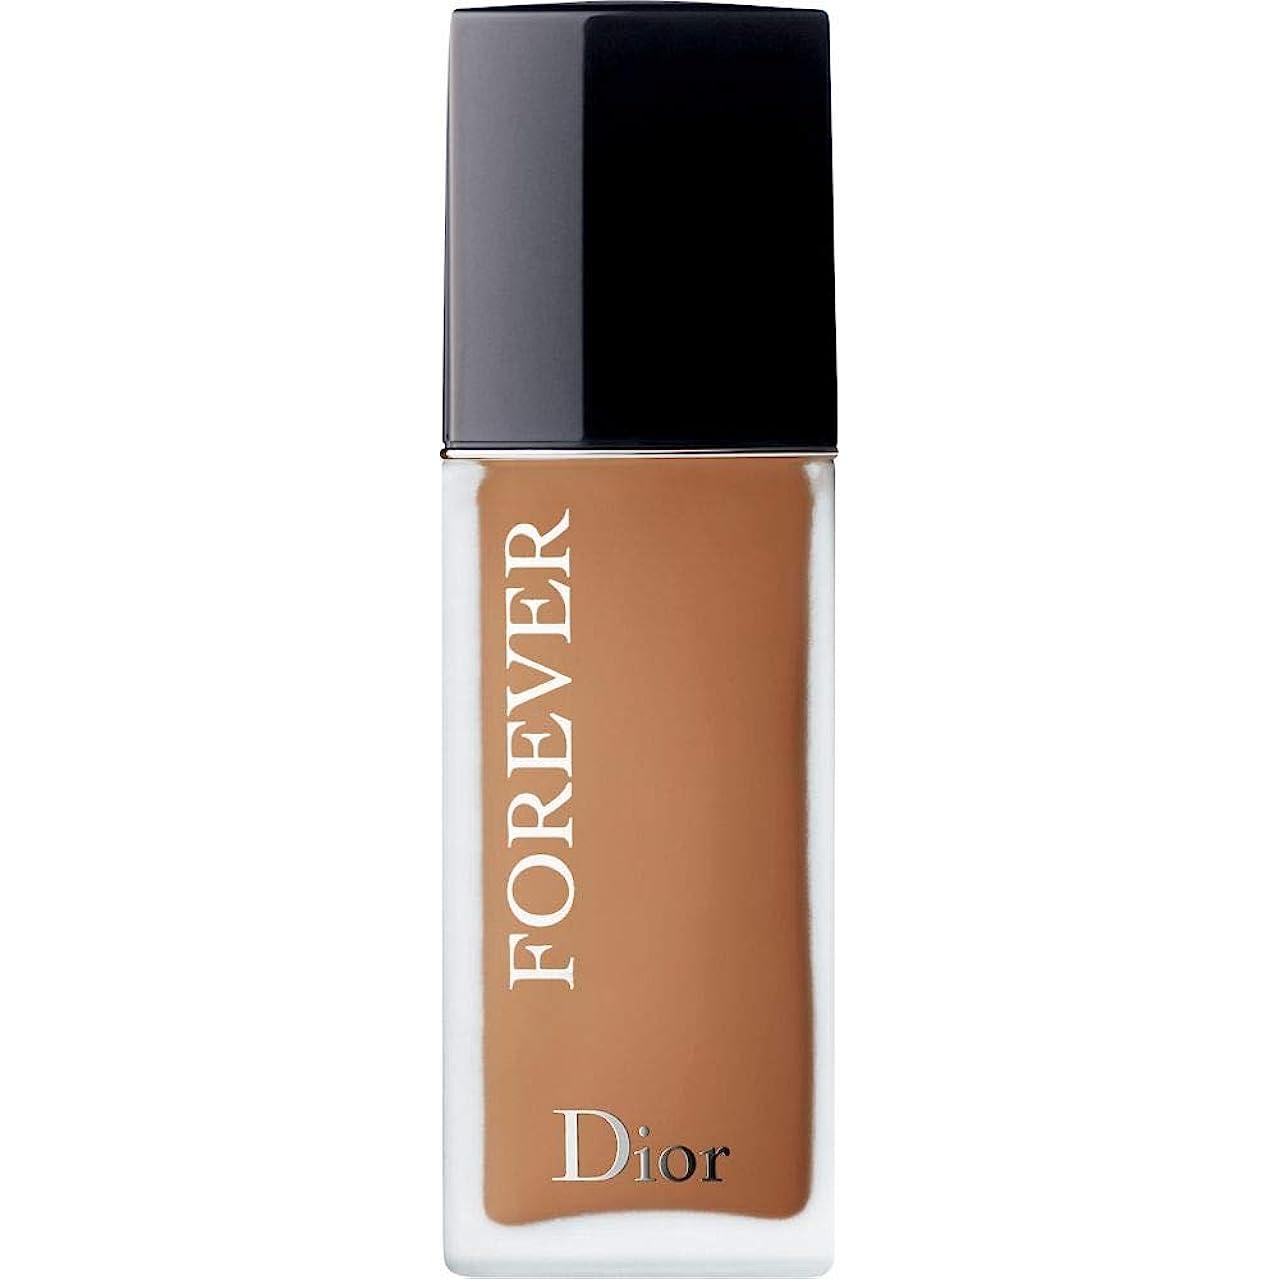 排泄物ジョージスティーブンソン注意[Dior ] ディオール永遠皮膚思いやりの基盤Spf35 30ミリリットルの5ワット - 暖かい(つや消し) - DIOR Forever Skin-Caring Foundation SPF35 30ml 5W - Warm (Matte) [並行輸入品]